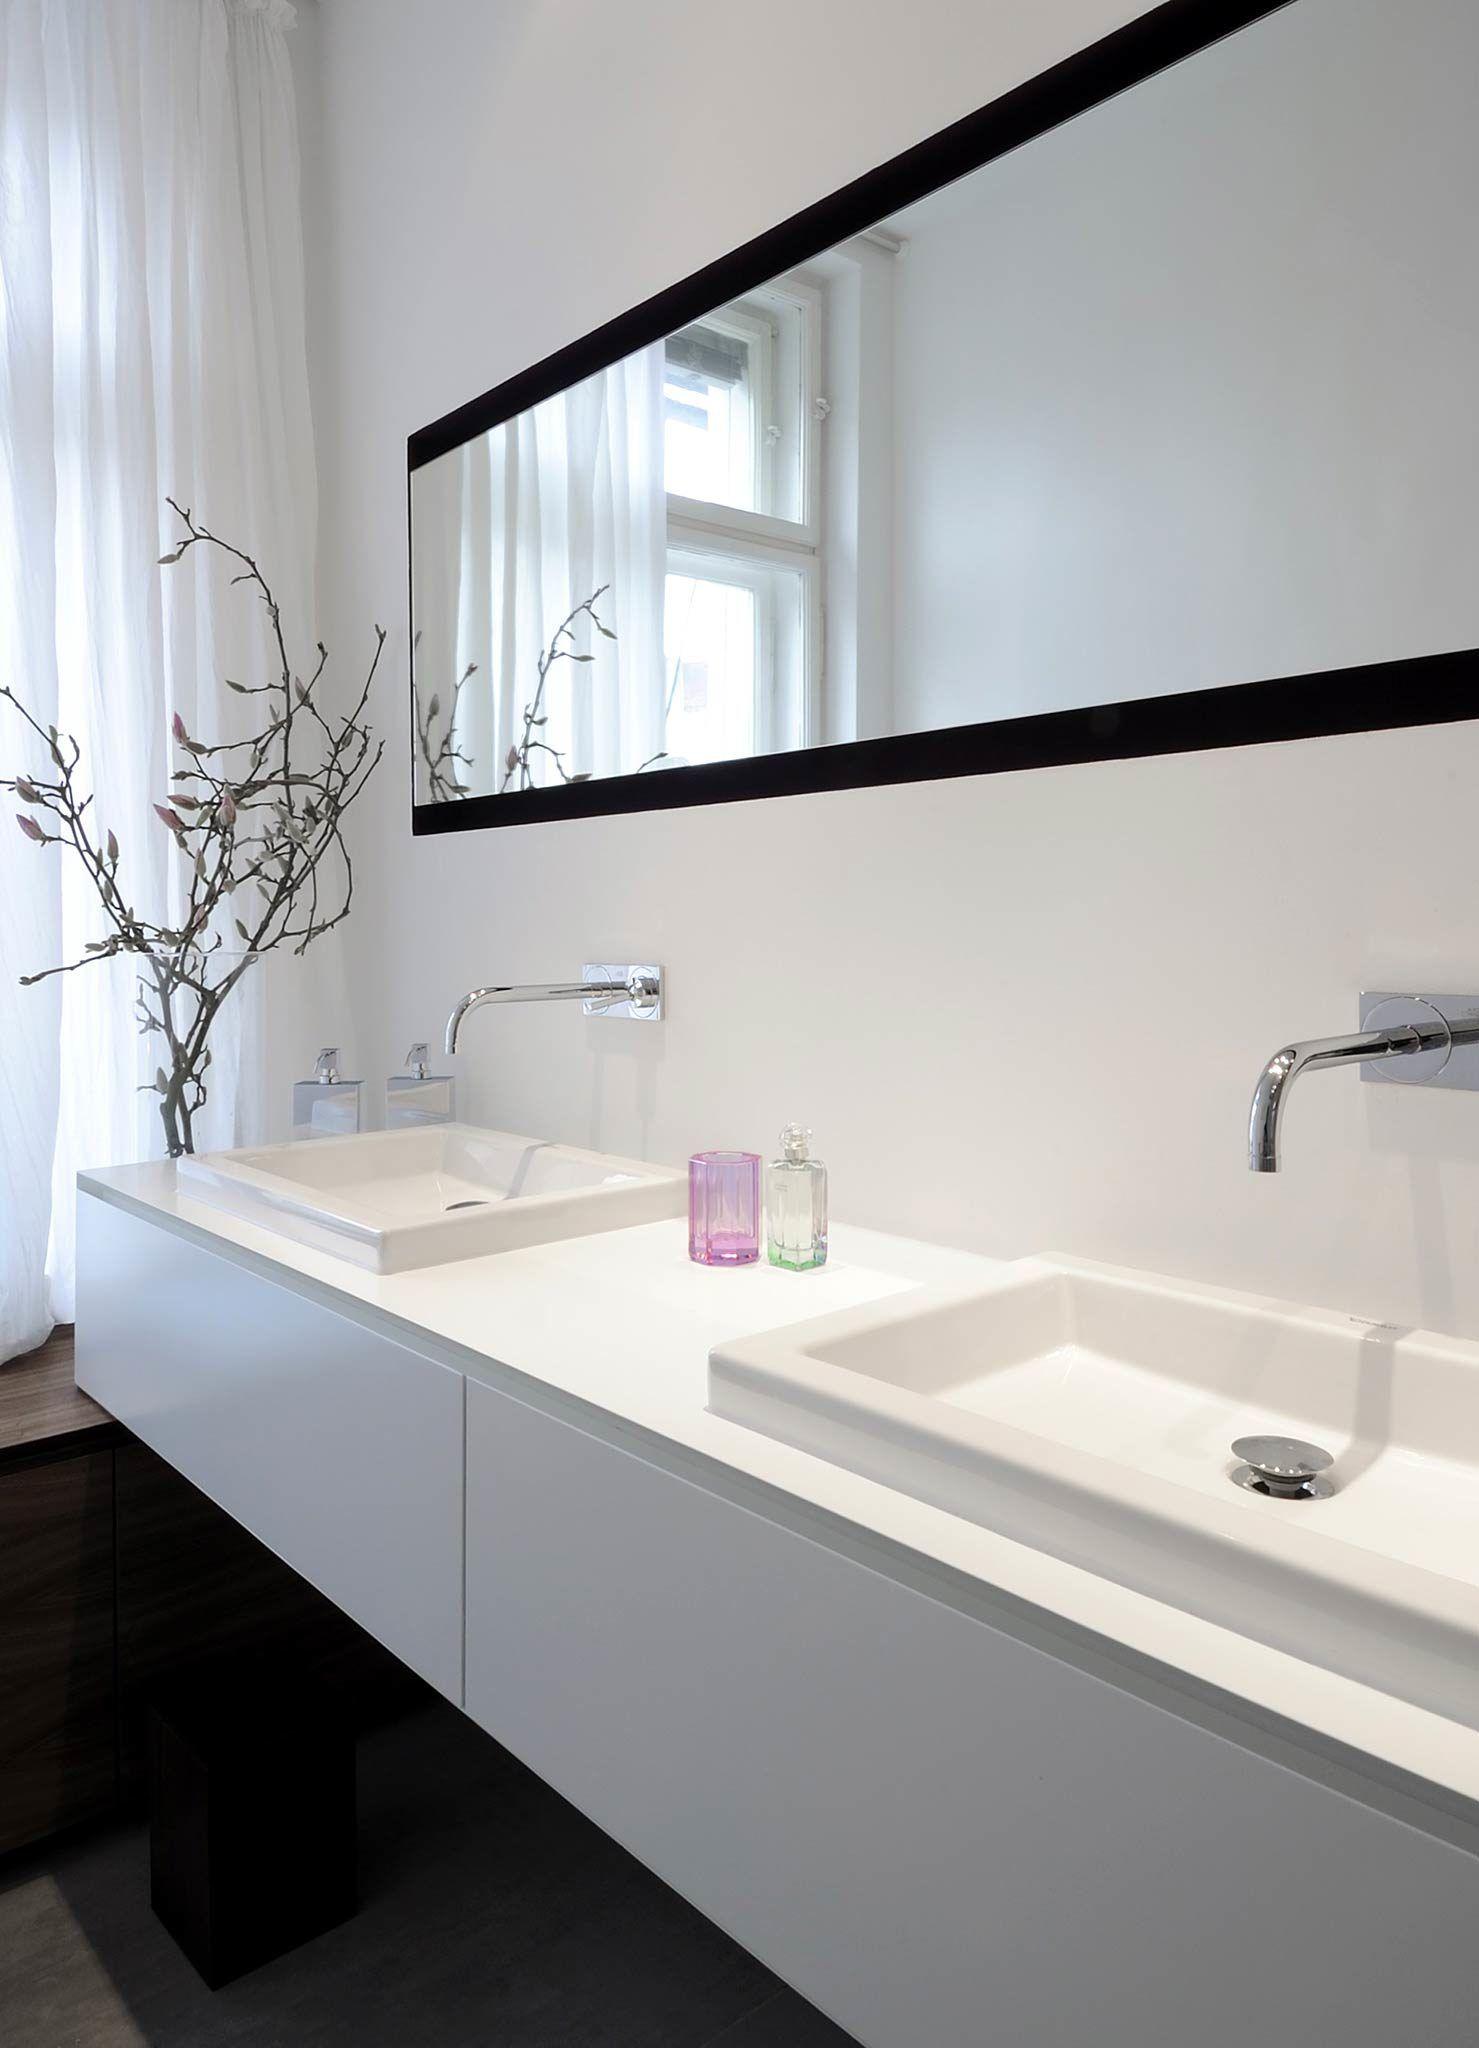 Heimwohl Badezimmer Badezimmer Badezimmer Waschbecken Doppelwaschbecken Badezimmer